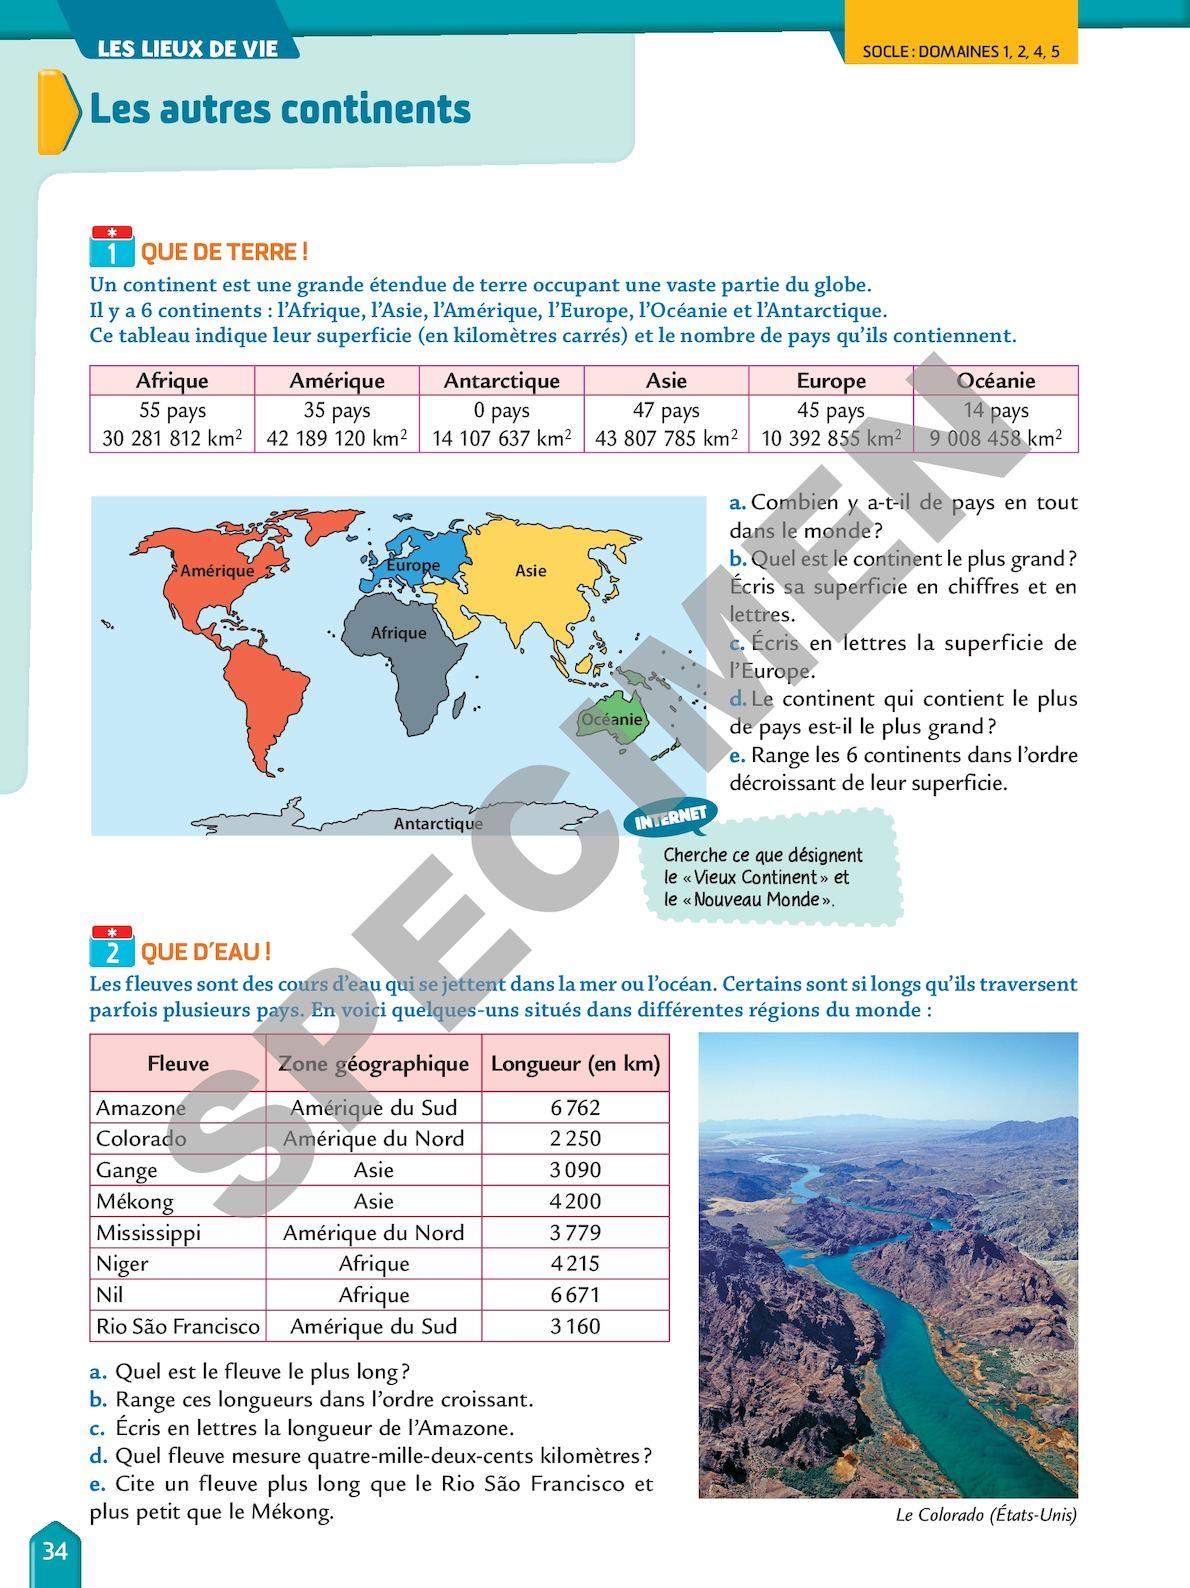 Le Plus Petit Continent Du Monde : petit, continent, monde, Rythme, Maths, Problèmes, Interdisciplinaires, CALAMEO, Downloader